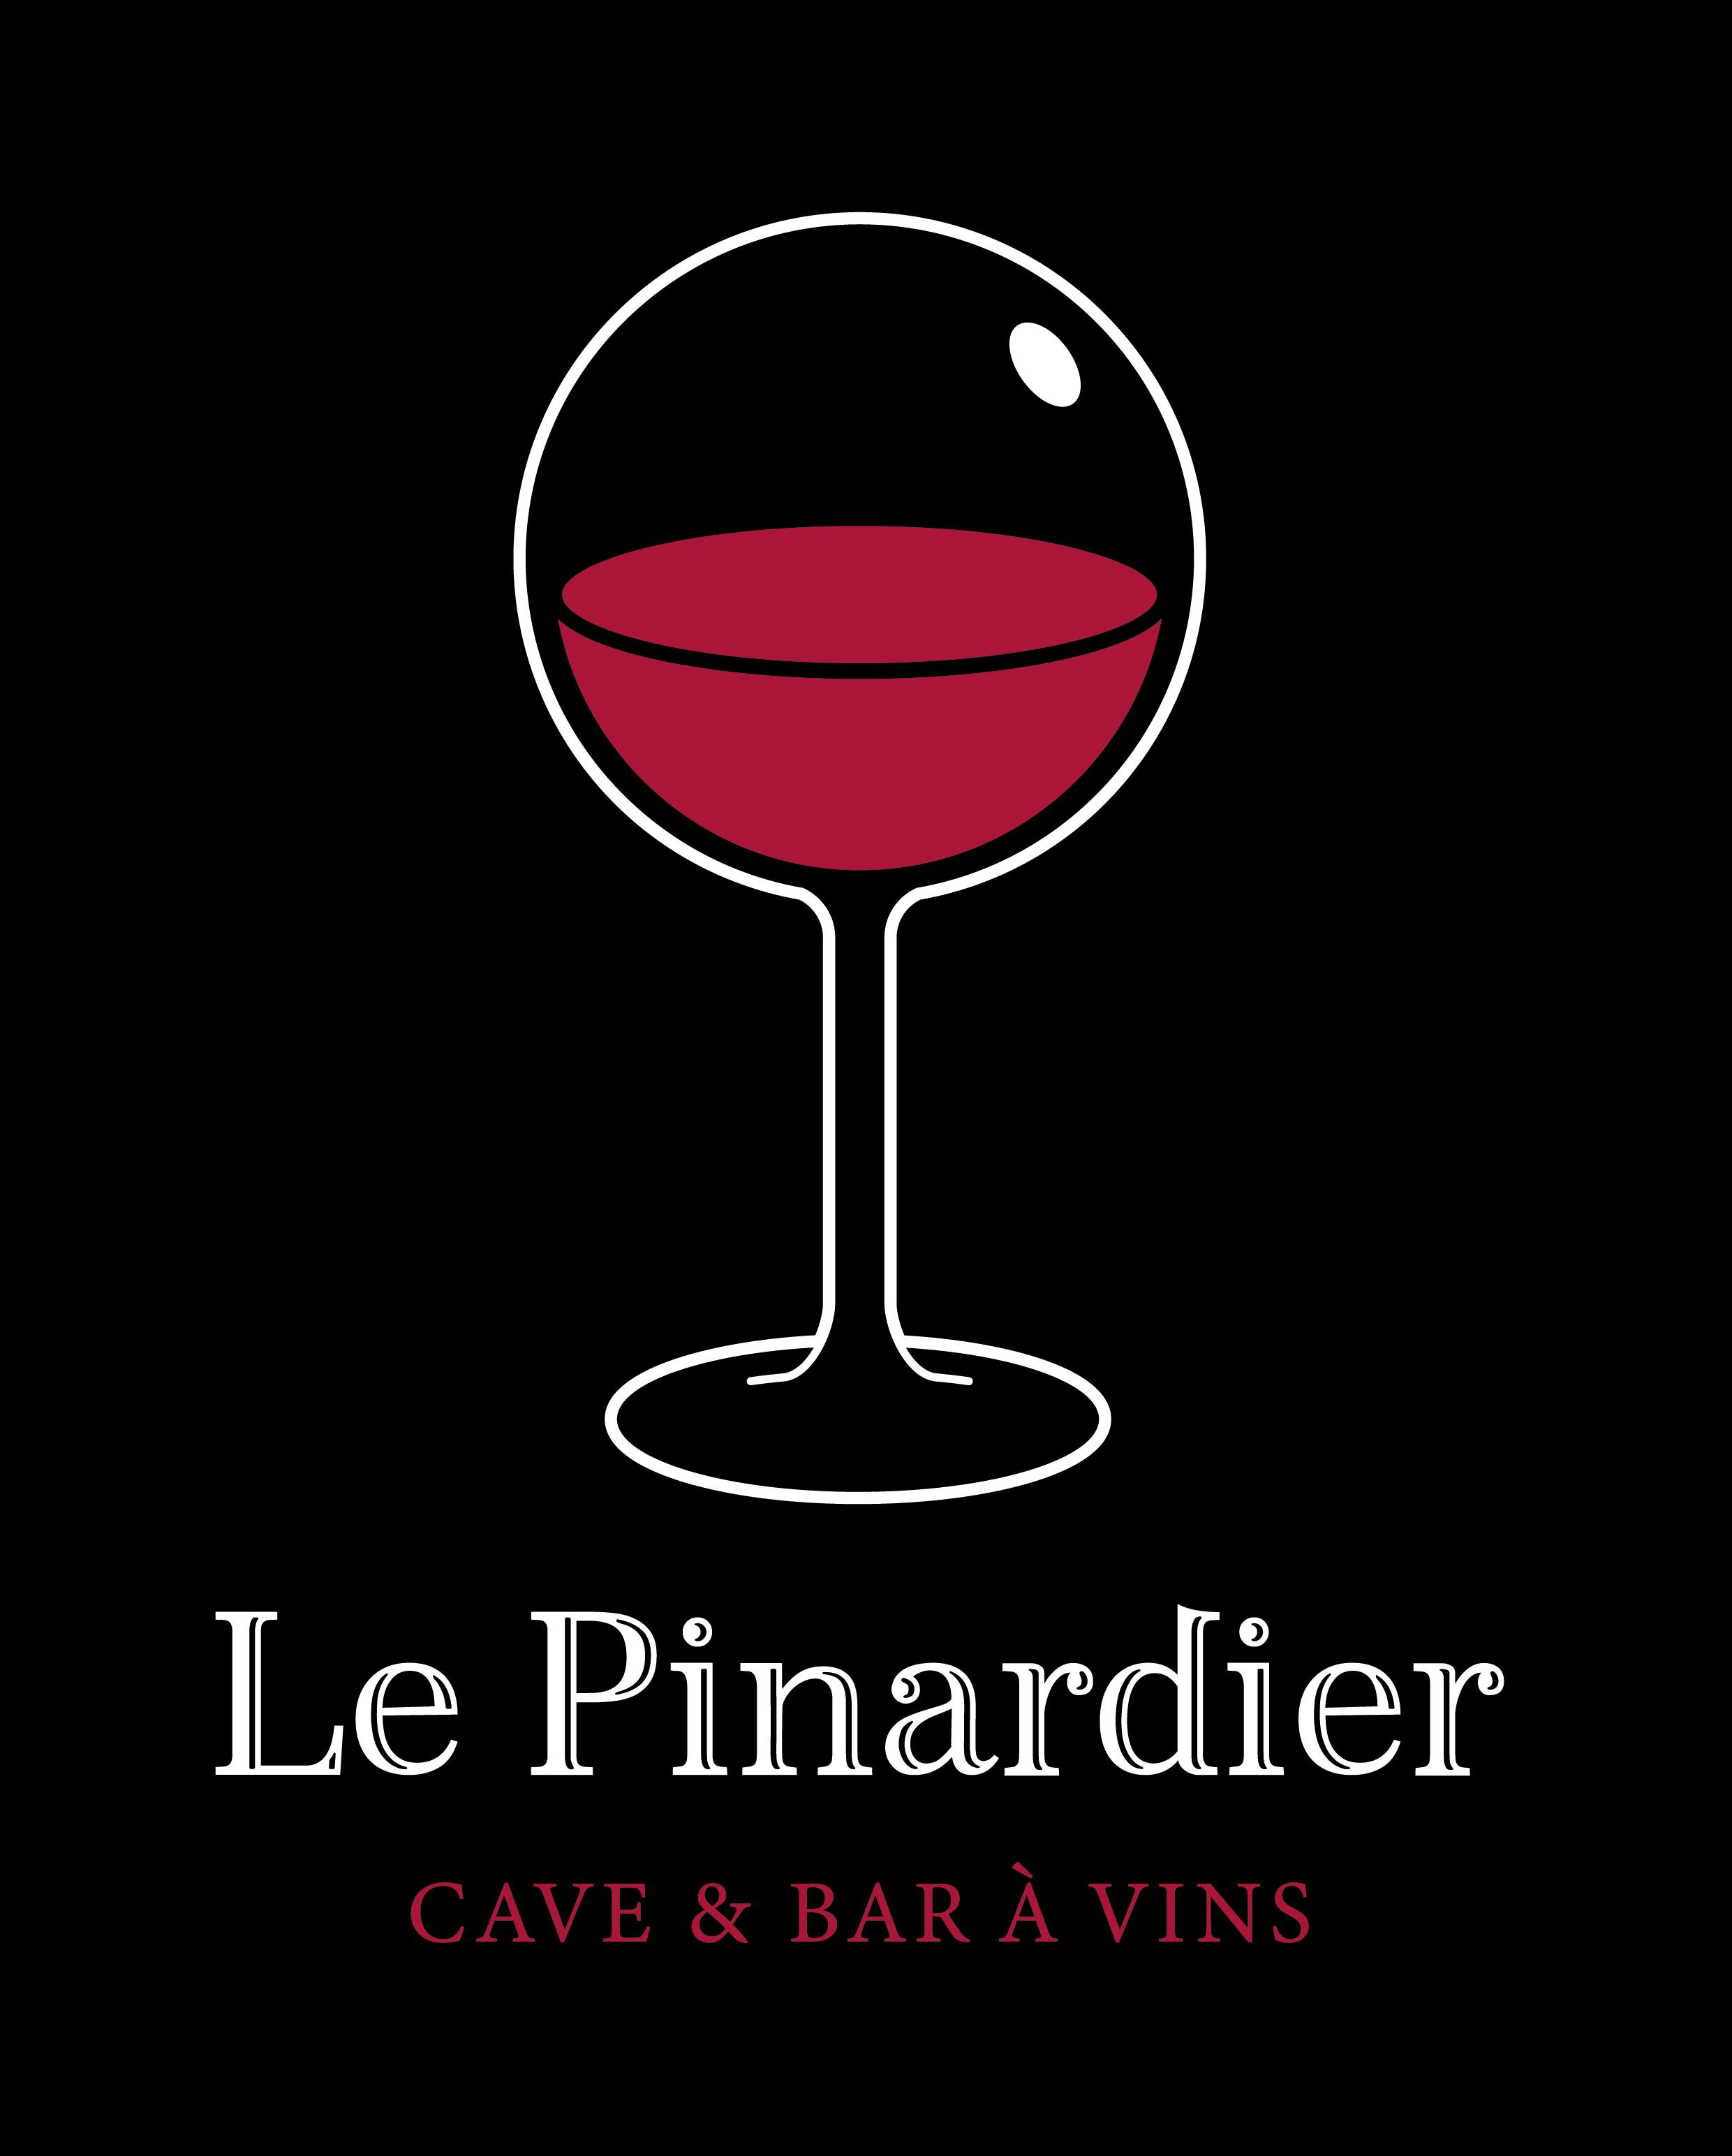 Logo Le Pinardier